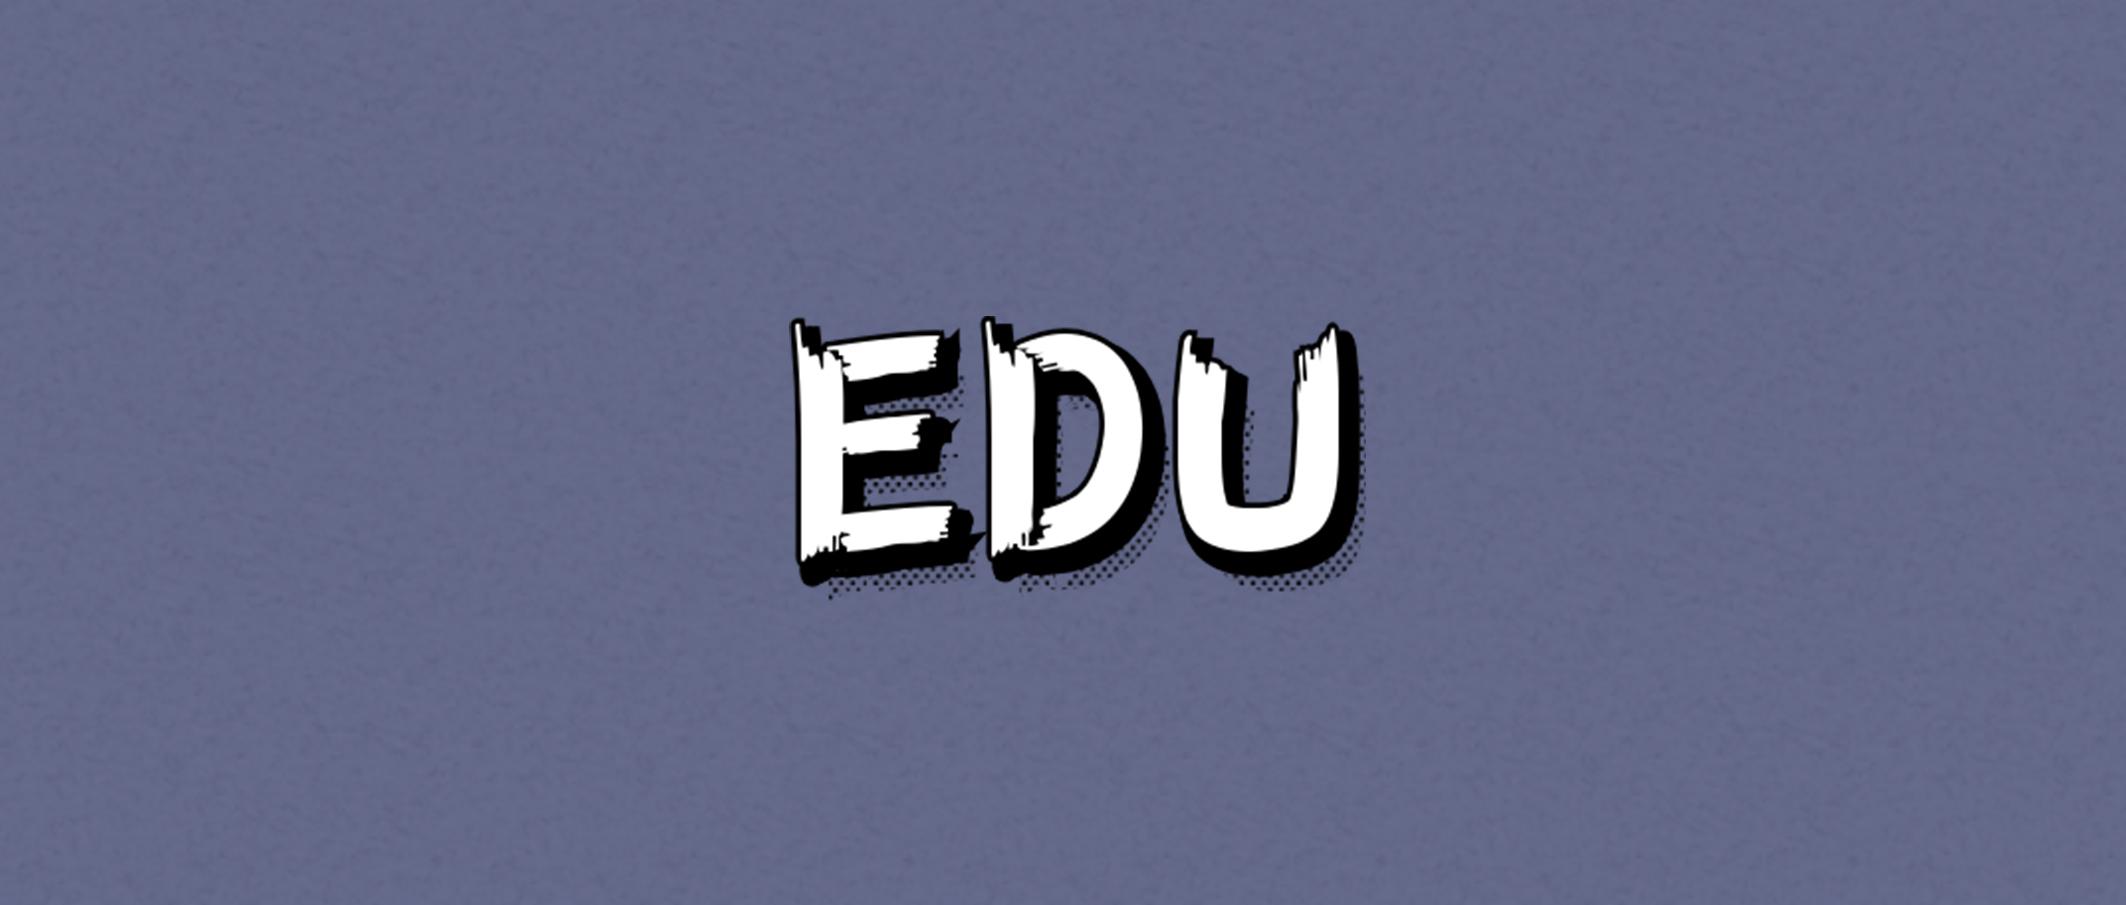 【思潮英文】李卫锋:留学仍是全球热门选择,新留学兴趣点在不断爆发